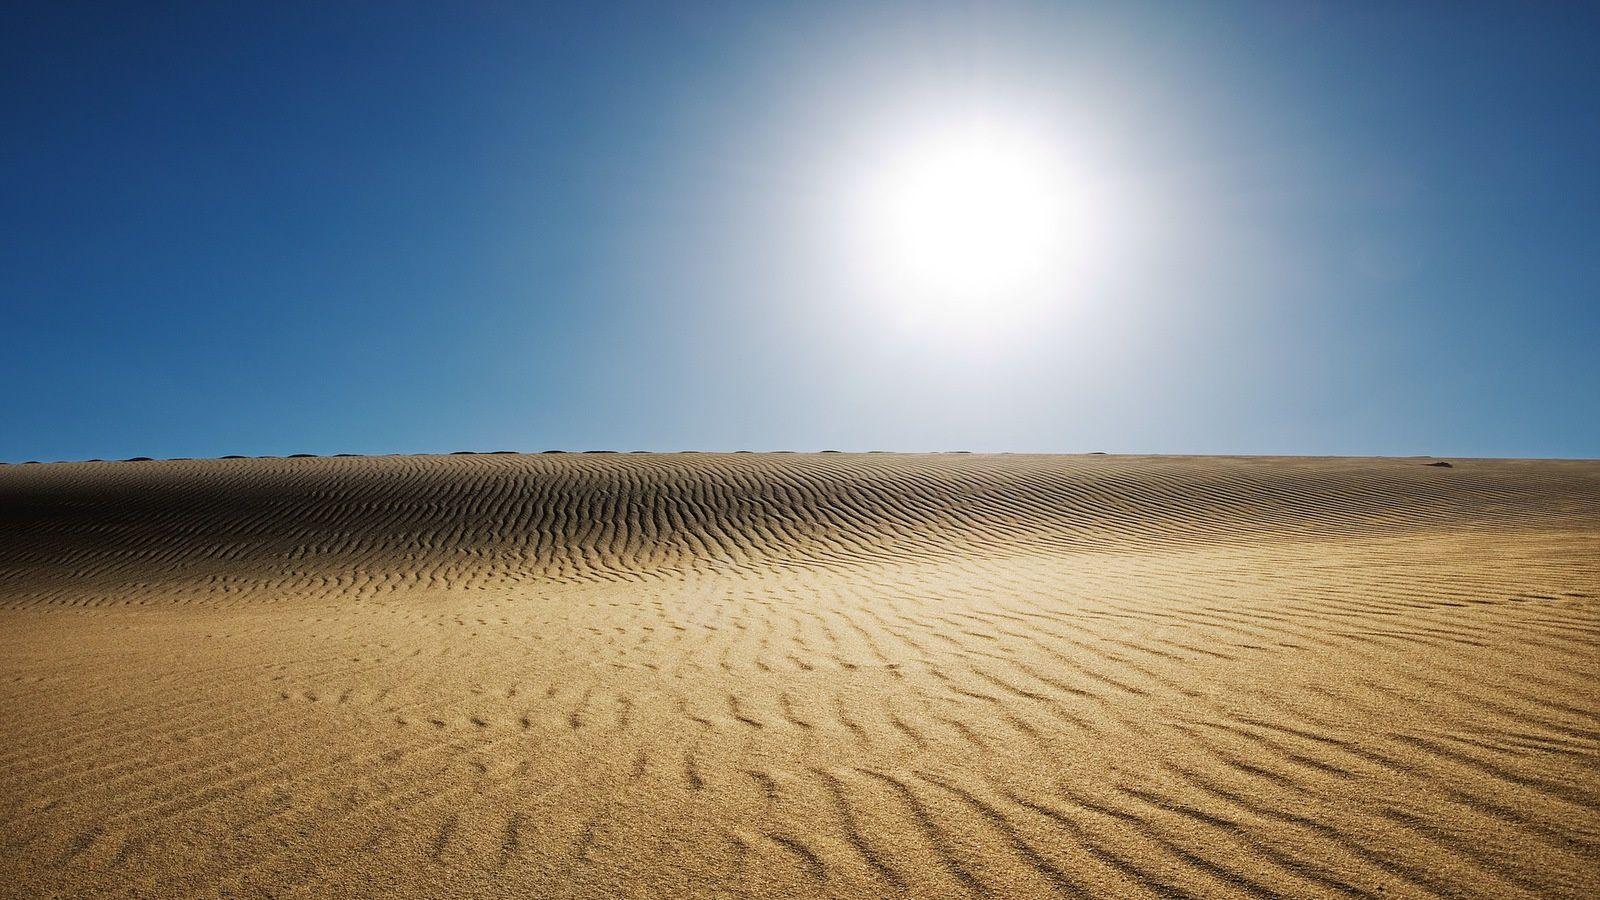 Dunes - Désert - Wallpapers - HD